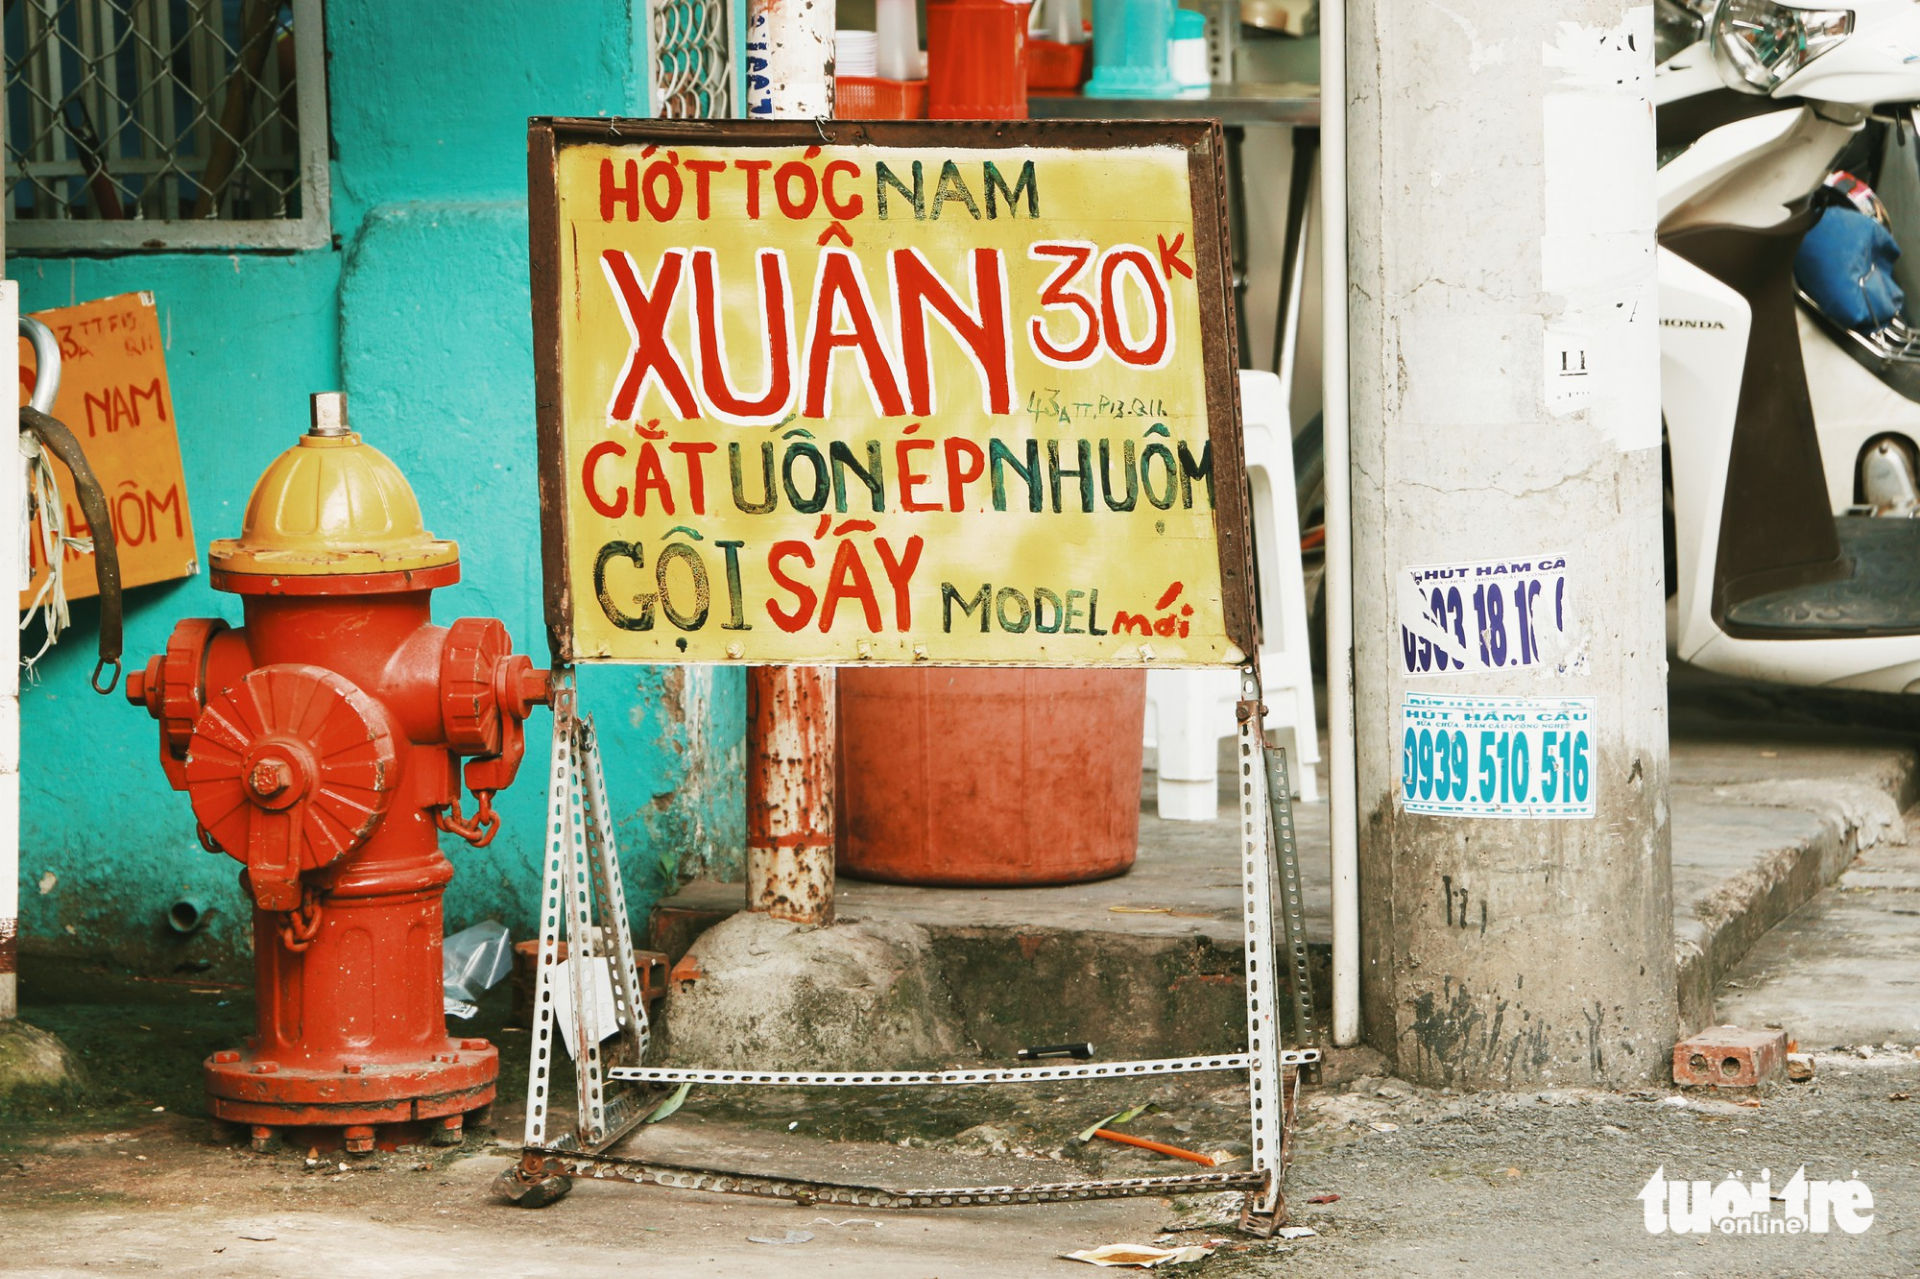 Nhìn những biển hiệu này để thấy Sài Gòn quá đỗi dễ thương - Ảnh 2.